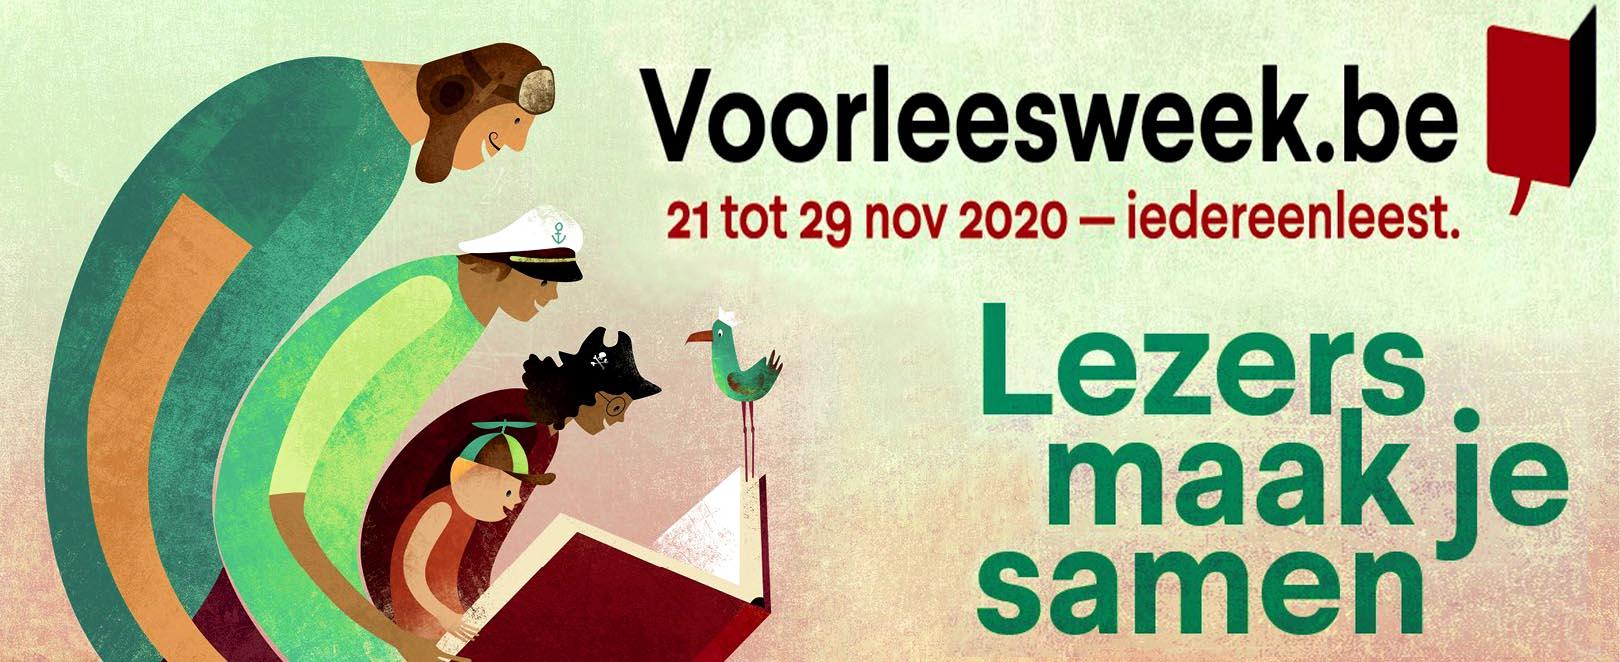 voorleesweek belgië 2020